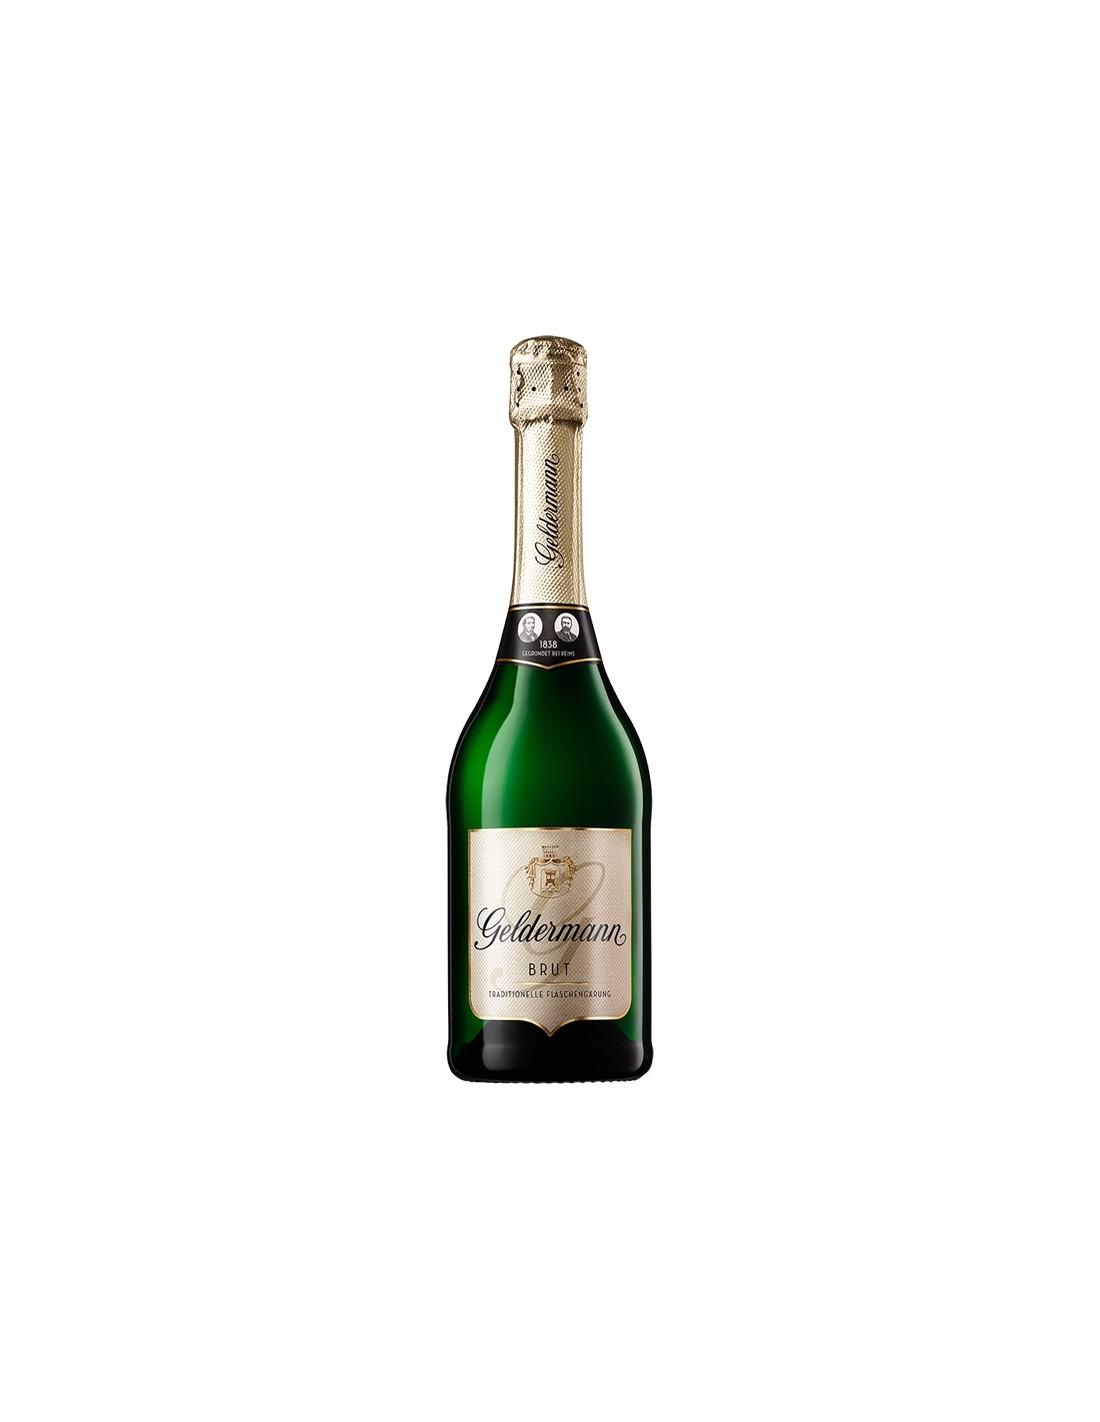 Vin spumant alb Cupaj, Geldermann Baden, 0.75L, 13% alc., Germania